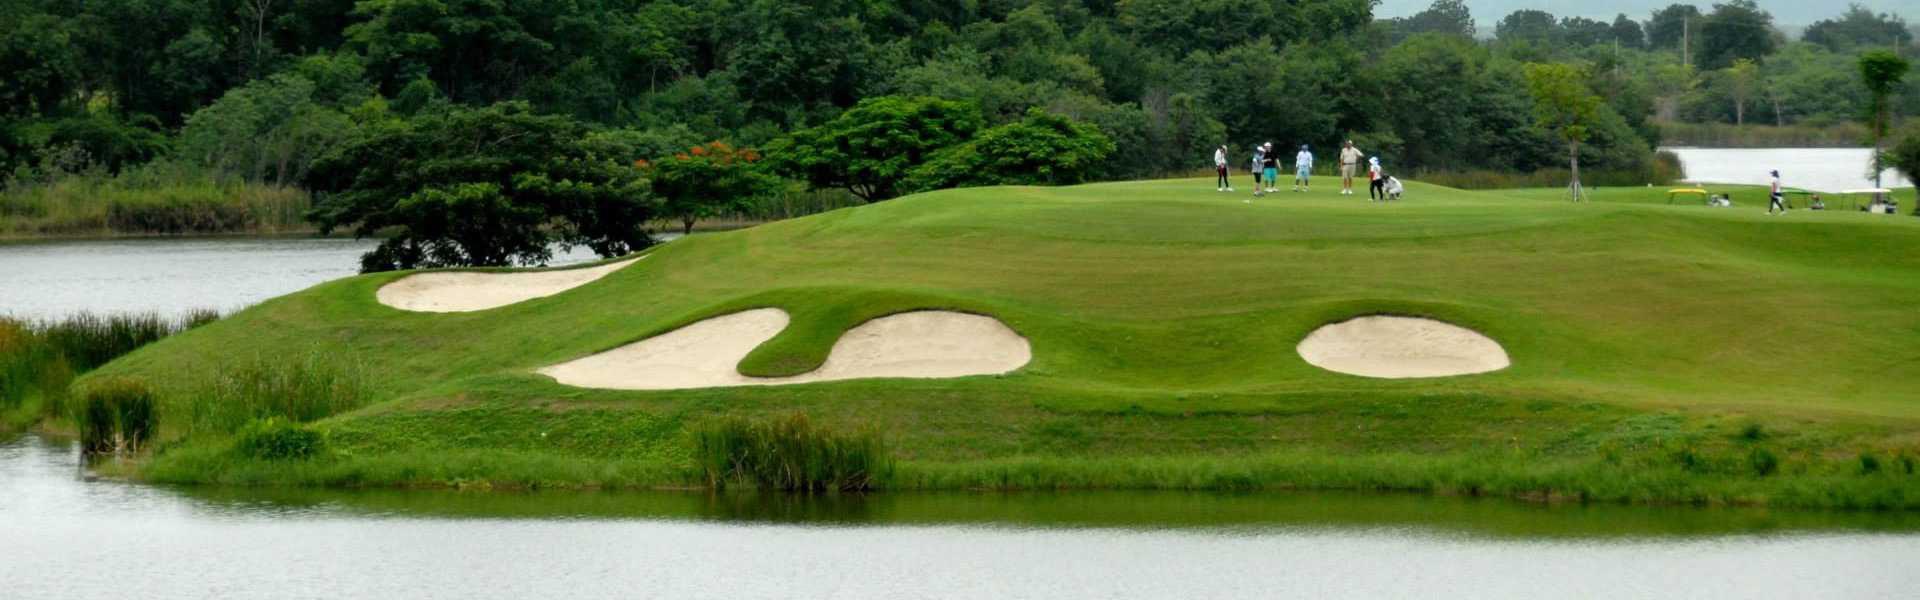 Golf in Kanchanaburi